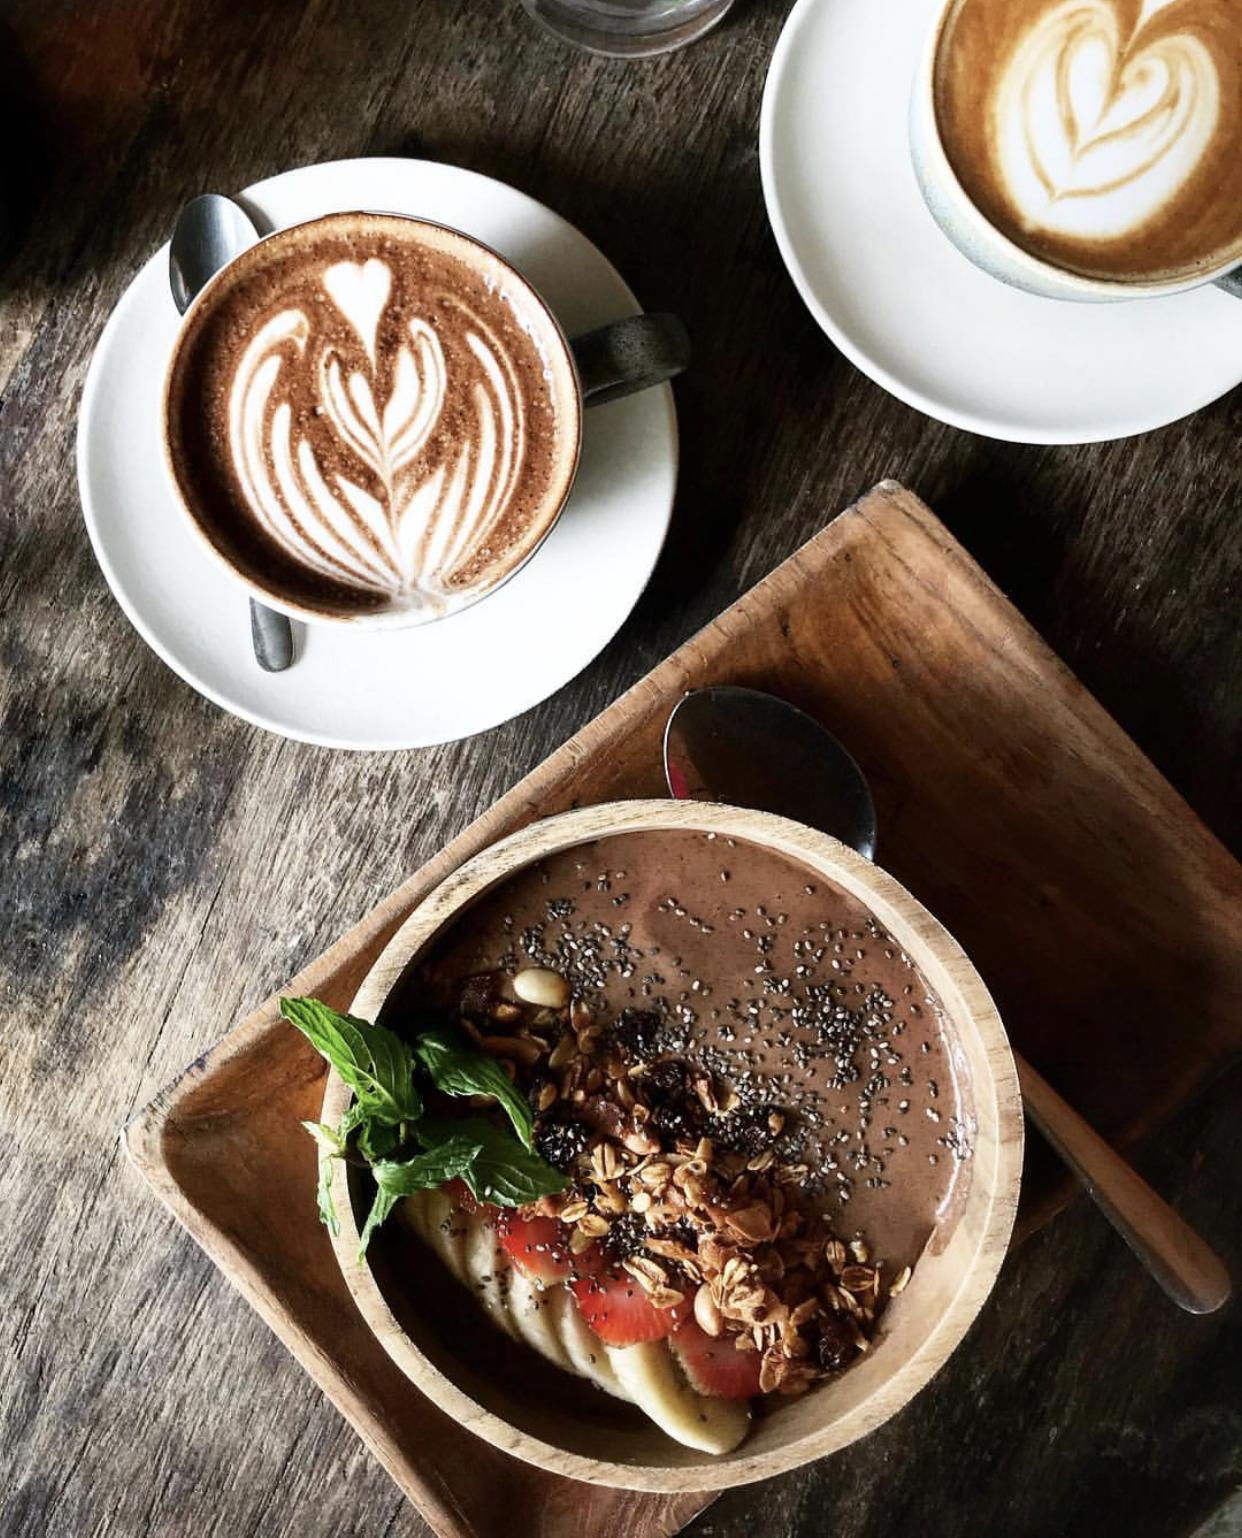 Suka Espresso, Uluwatu - My Top 12 Speciality Coffee and Brunch Shops in Bali   A Guide of Bali   Mondomulia